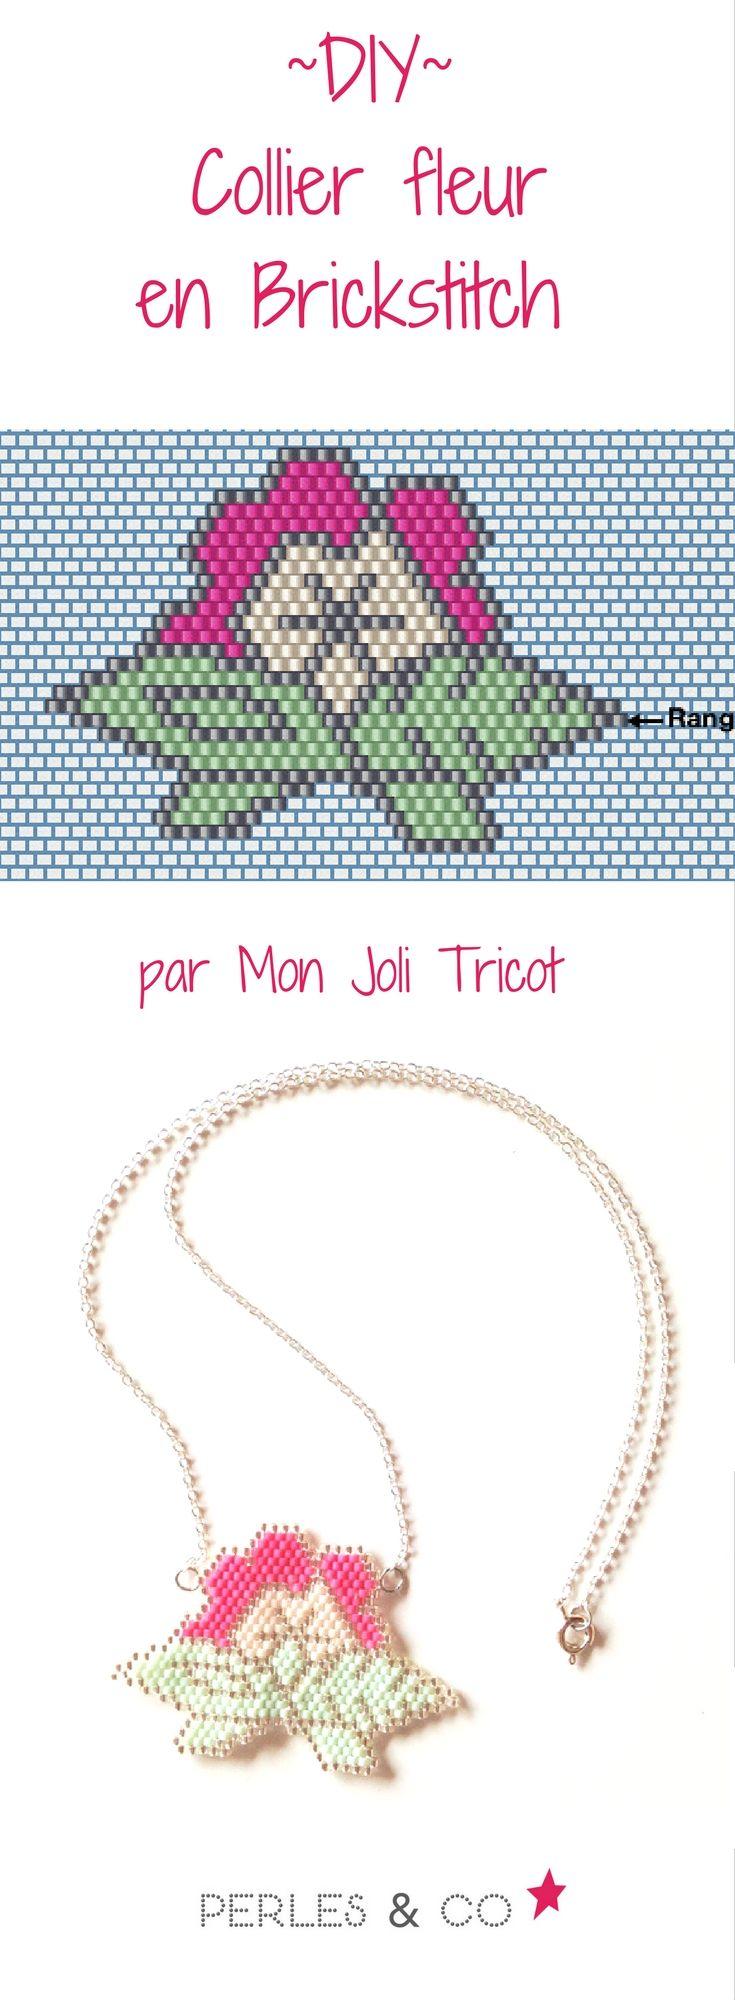 Grâce à Anne de Mon Joli Tricot, retrouvez la grille de tissage et tous les éléments pour réaliser ce collier fleur en brickstitch. DIY-tutoriel-tissage de perles-perles miyuki >> https://www.perlesandco.com/Collier_Fleurs_en_Brick_Stitch_tissage_de_Miyuki-s-2534-28.html